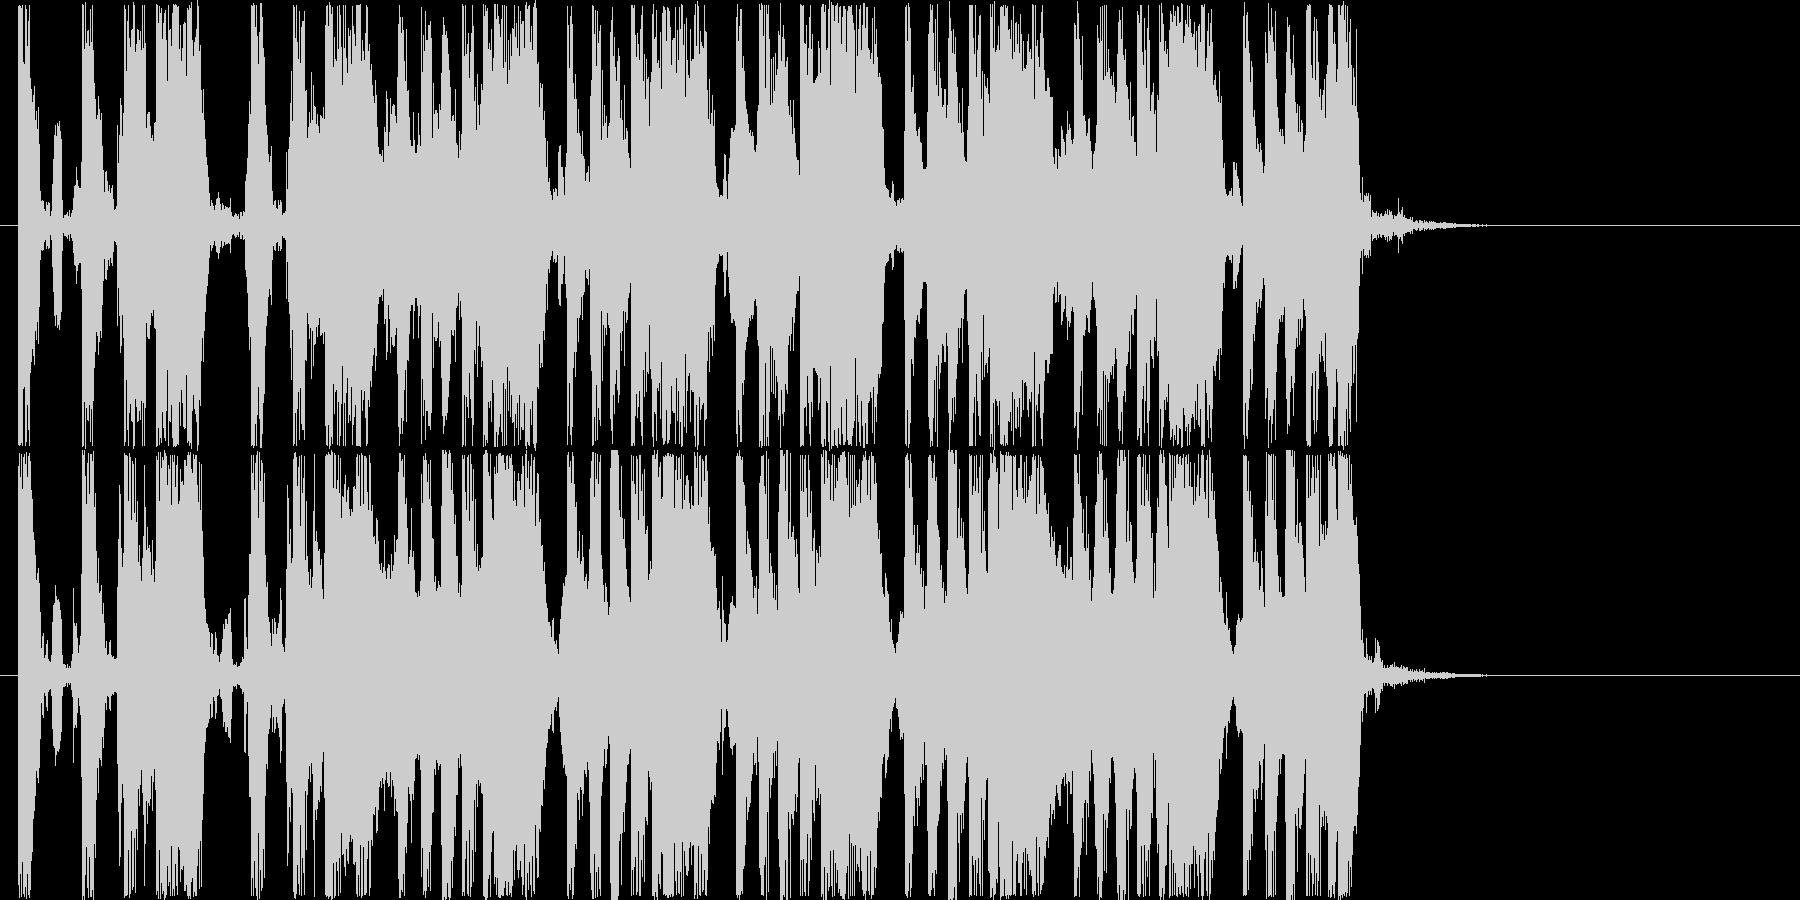 ワイルドなギターが印象的なロック調の曲の未再生の波形